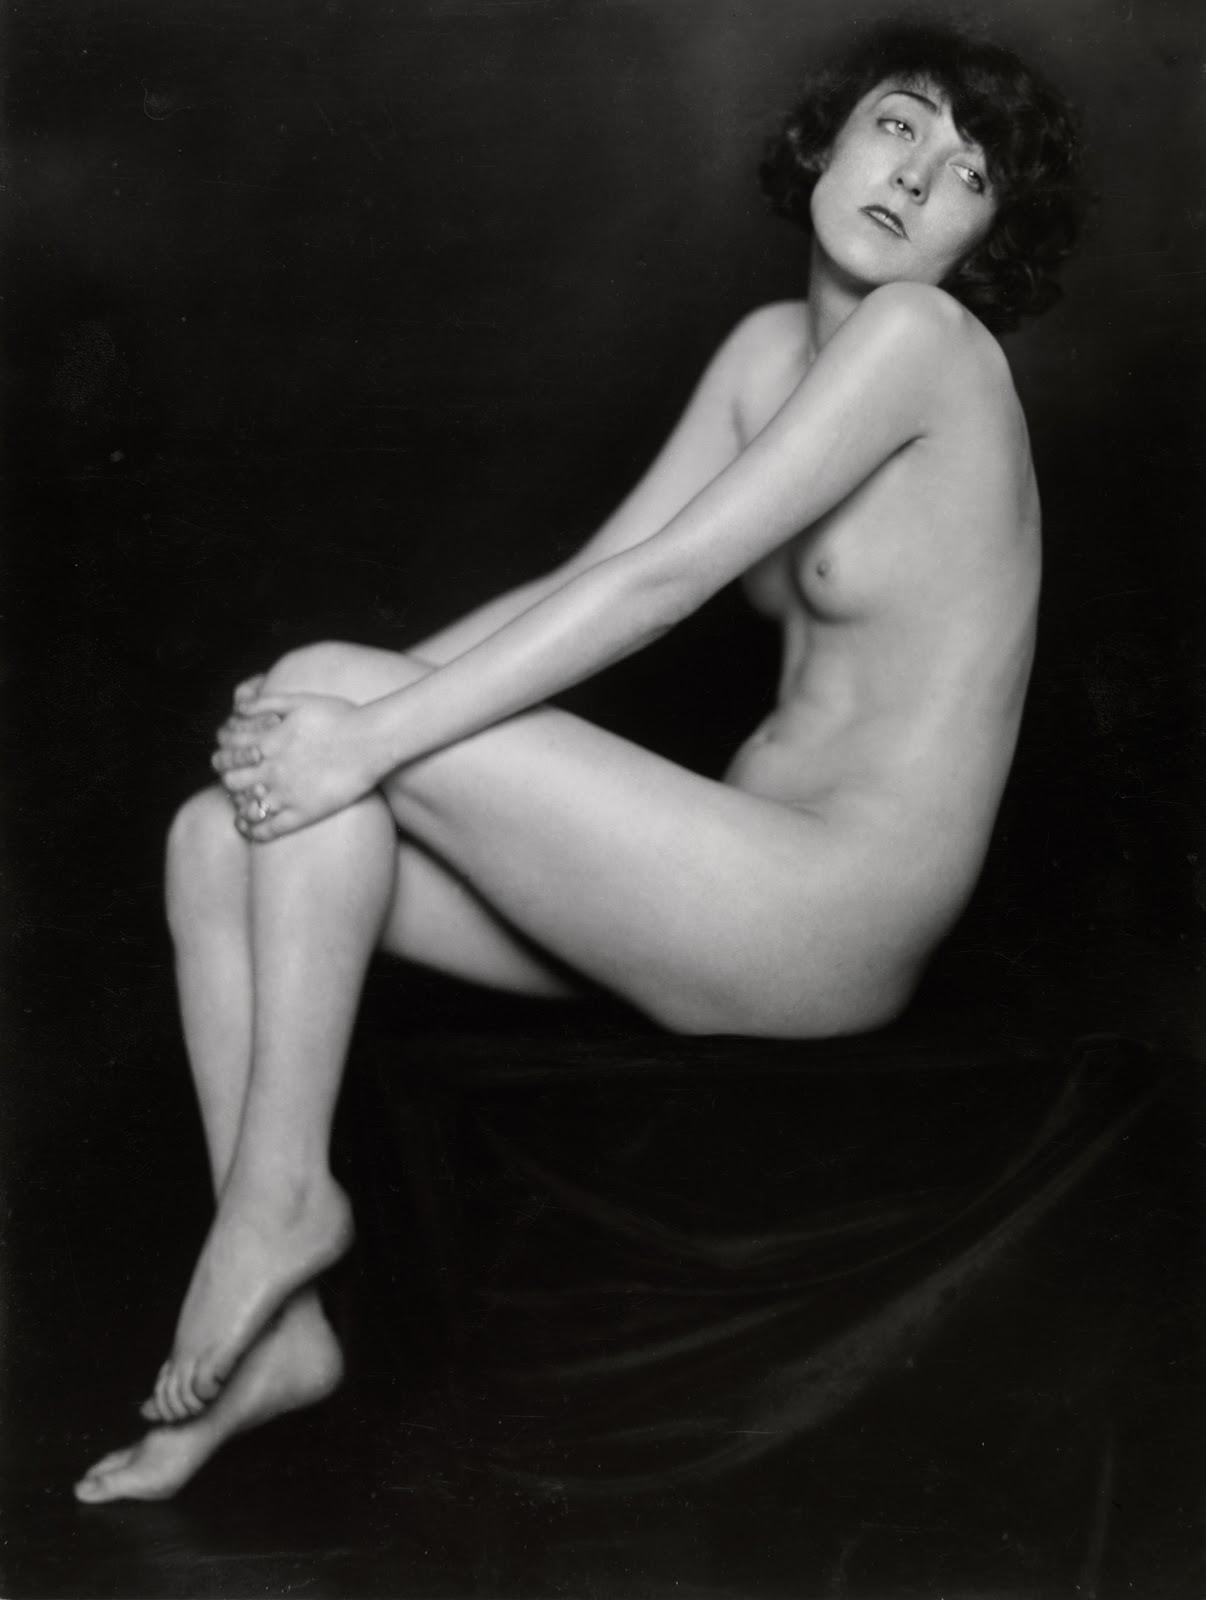 Robin hubner bikini photos